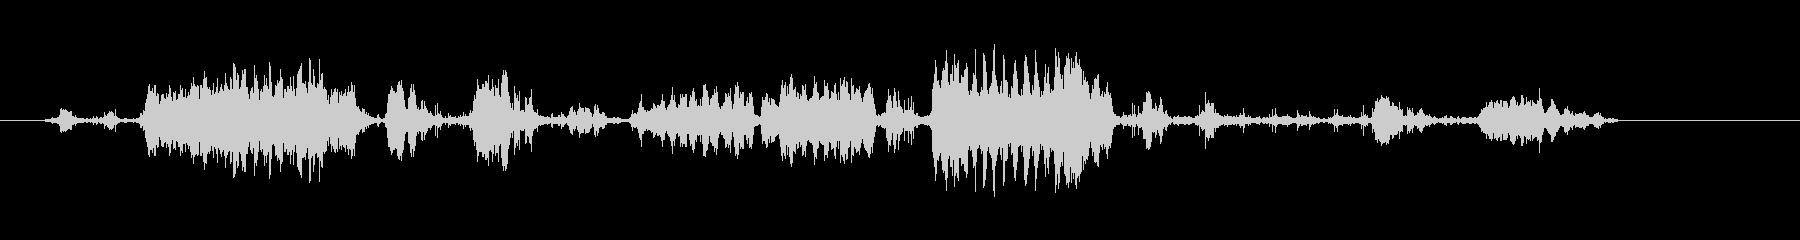 馬-レスランド-哺乳類の未再生の波形